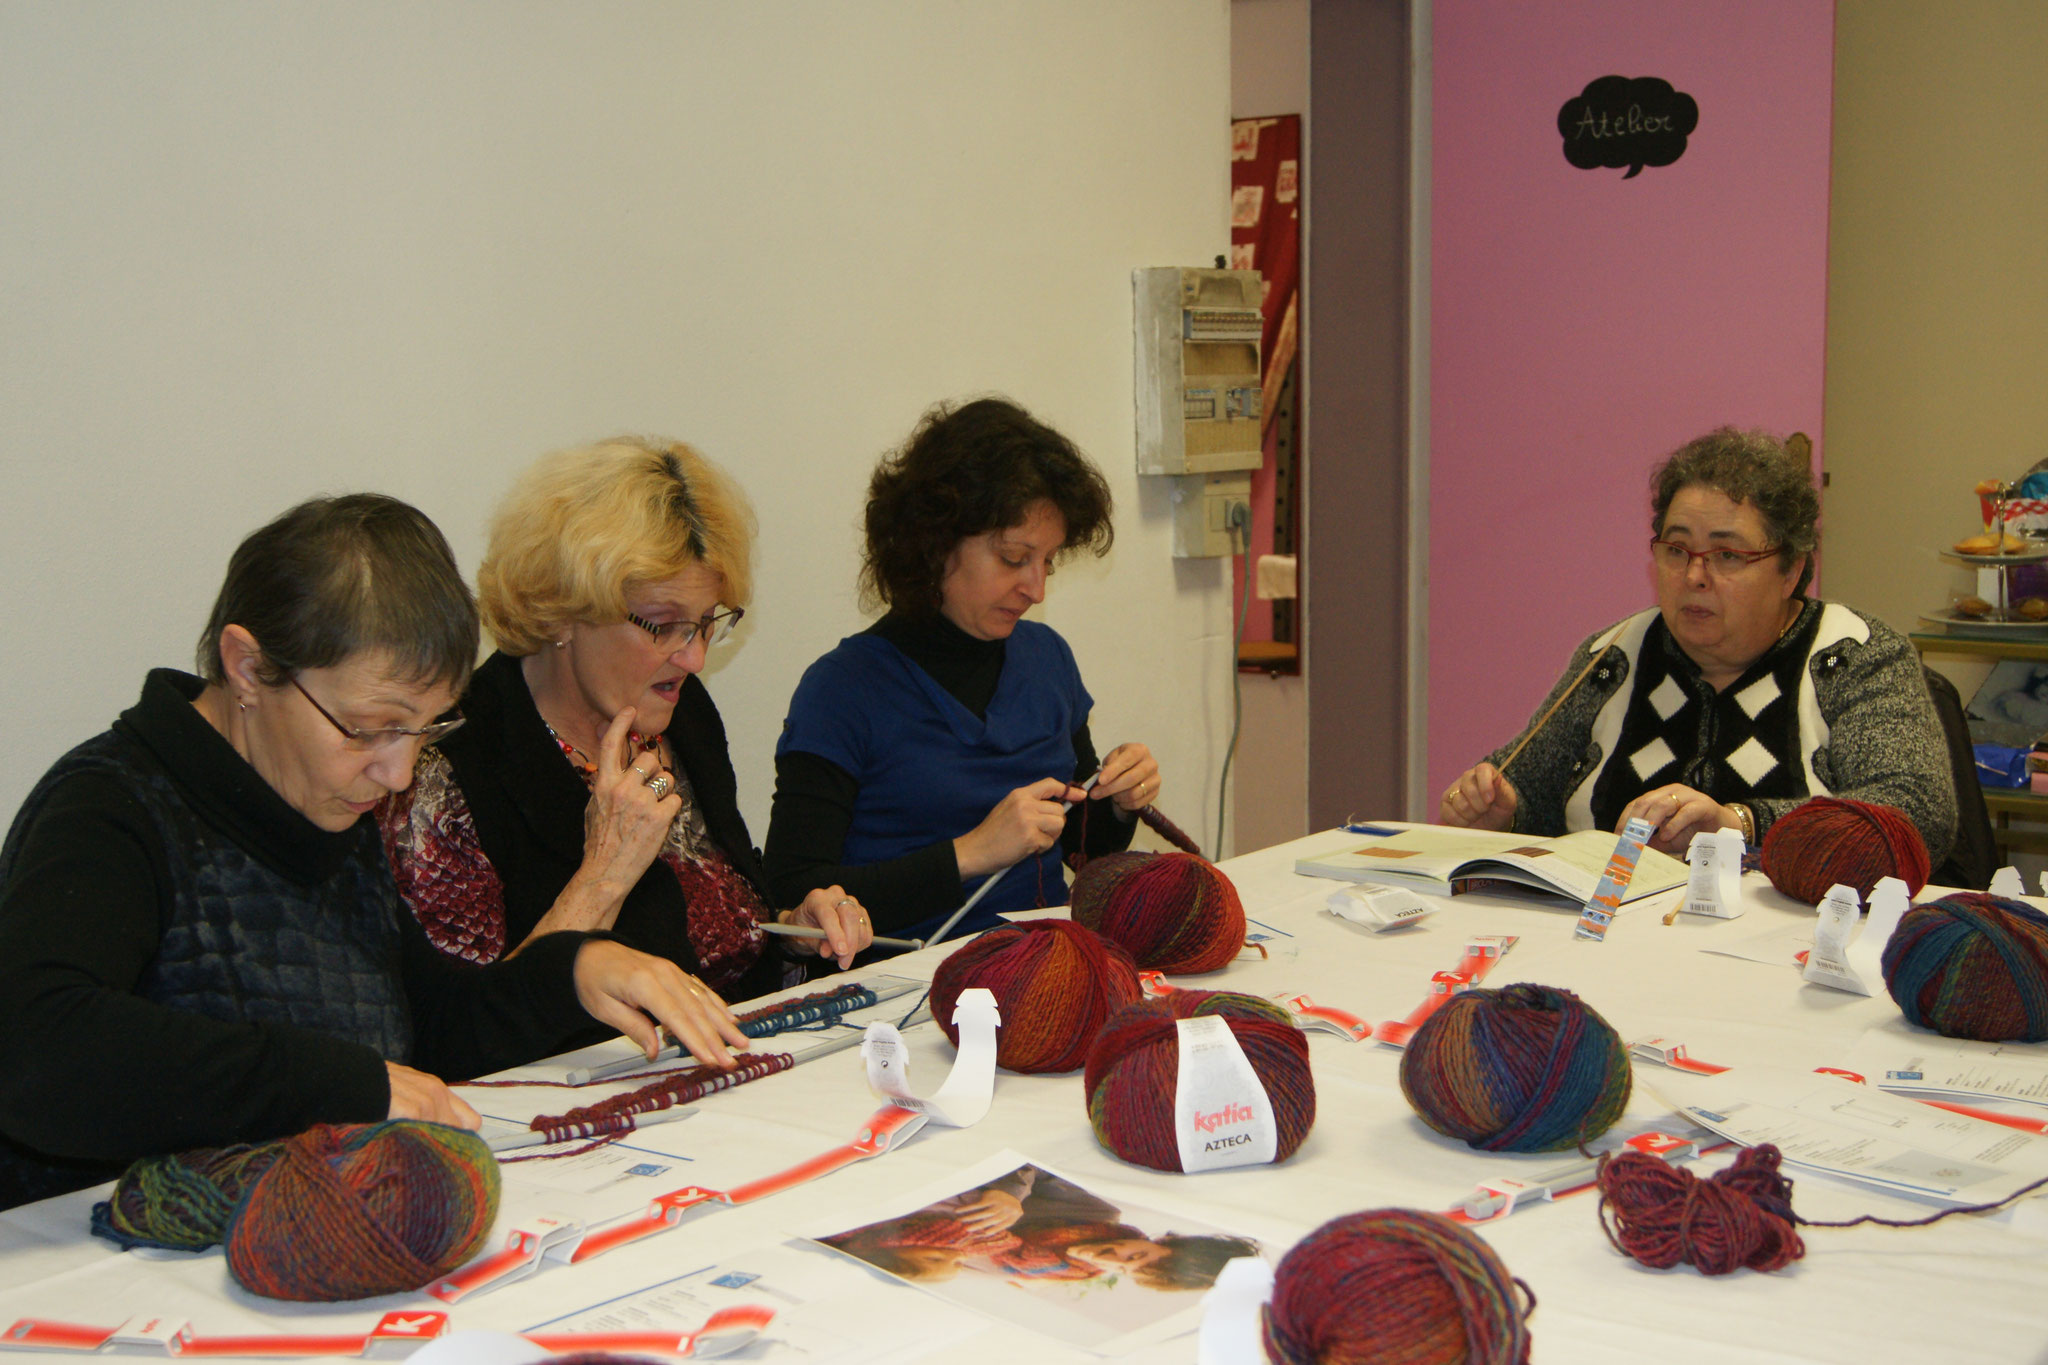 Les ateliers créatifs tricot de Lulu Coquelicot